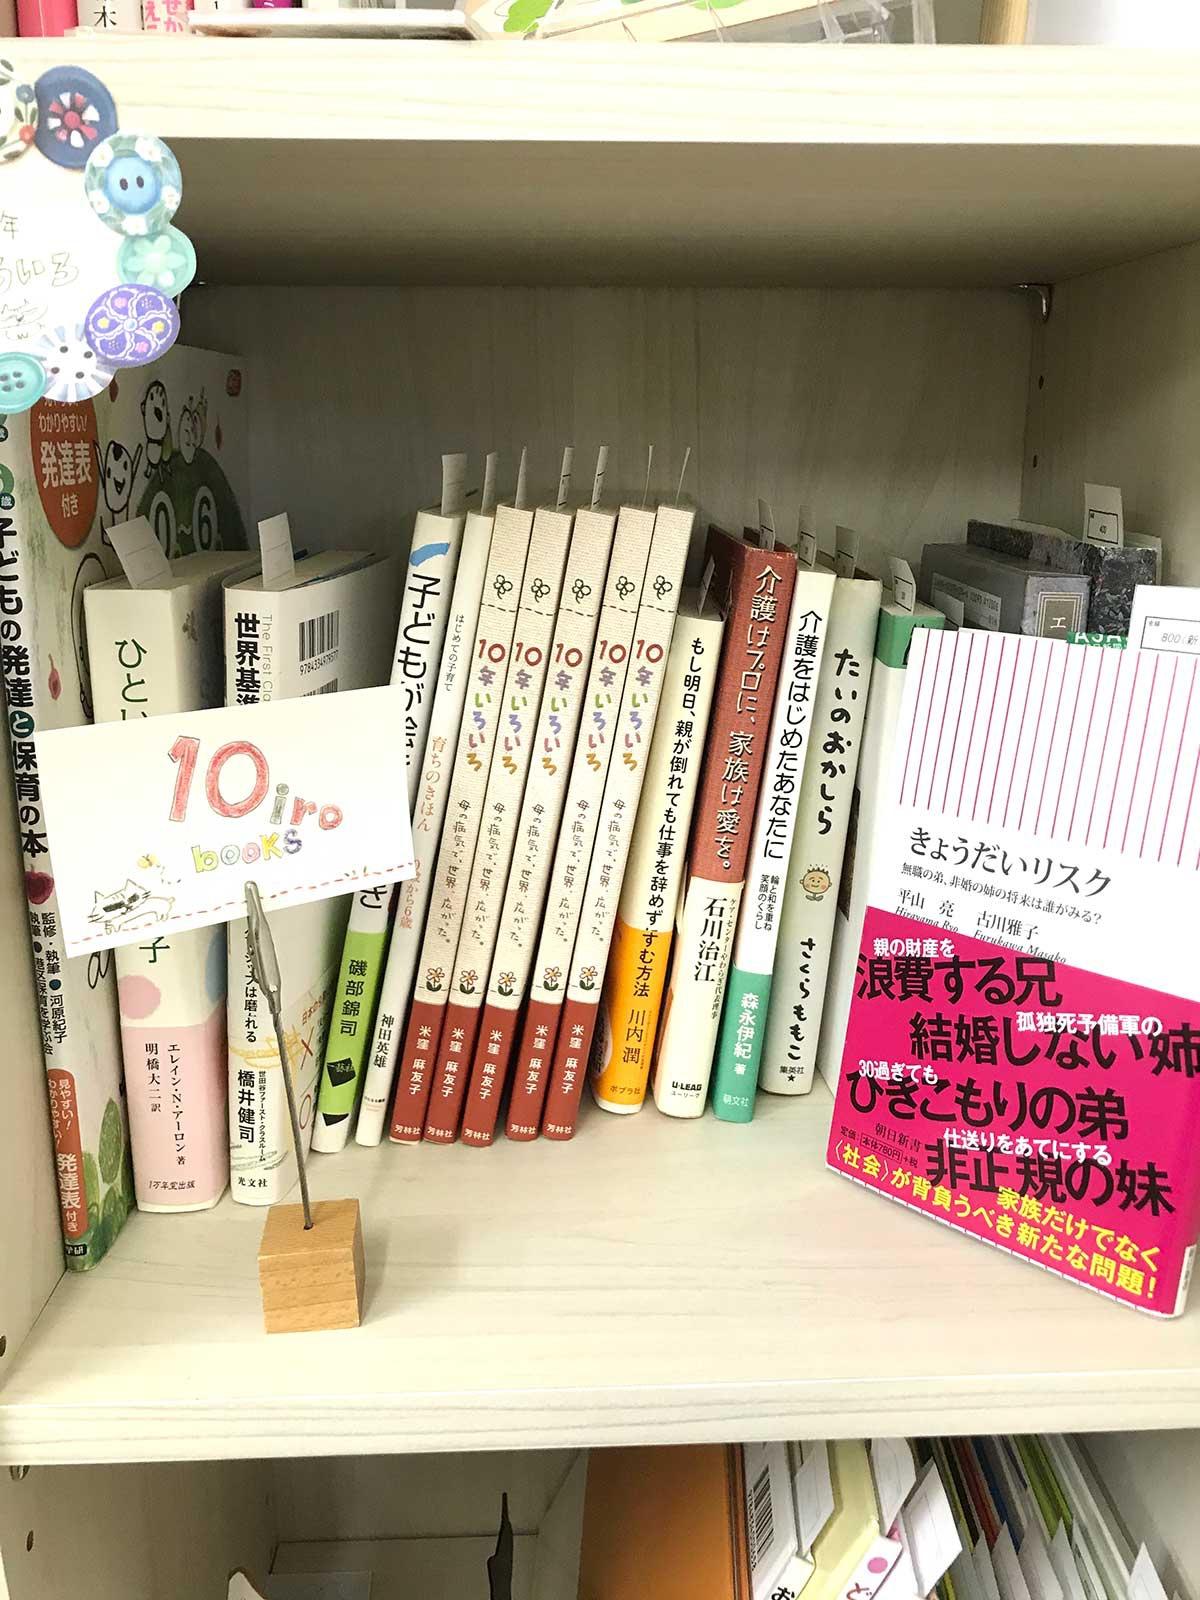 一棚で書店を小さく始められると話題に